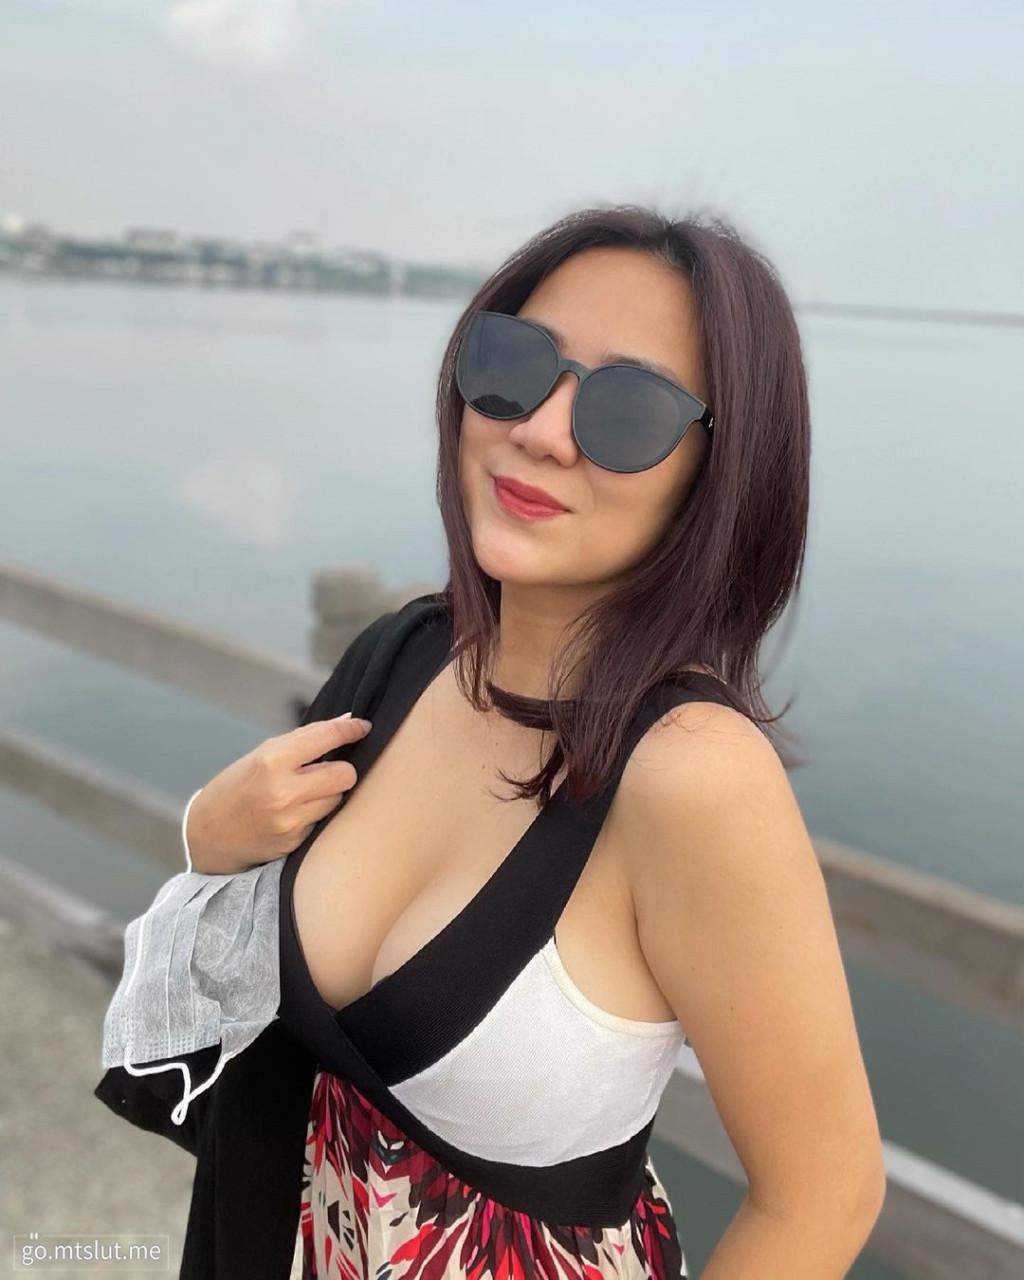 妹子图日刊 — 20210408